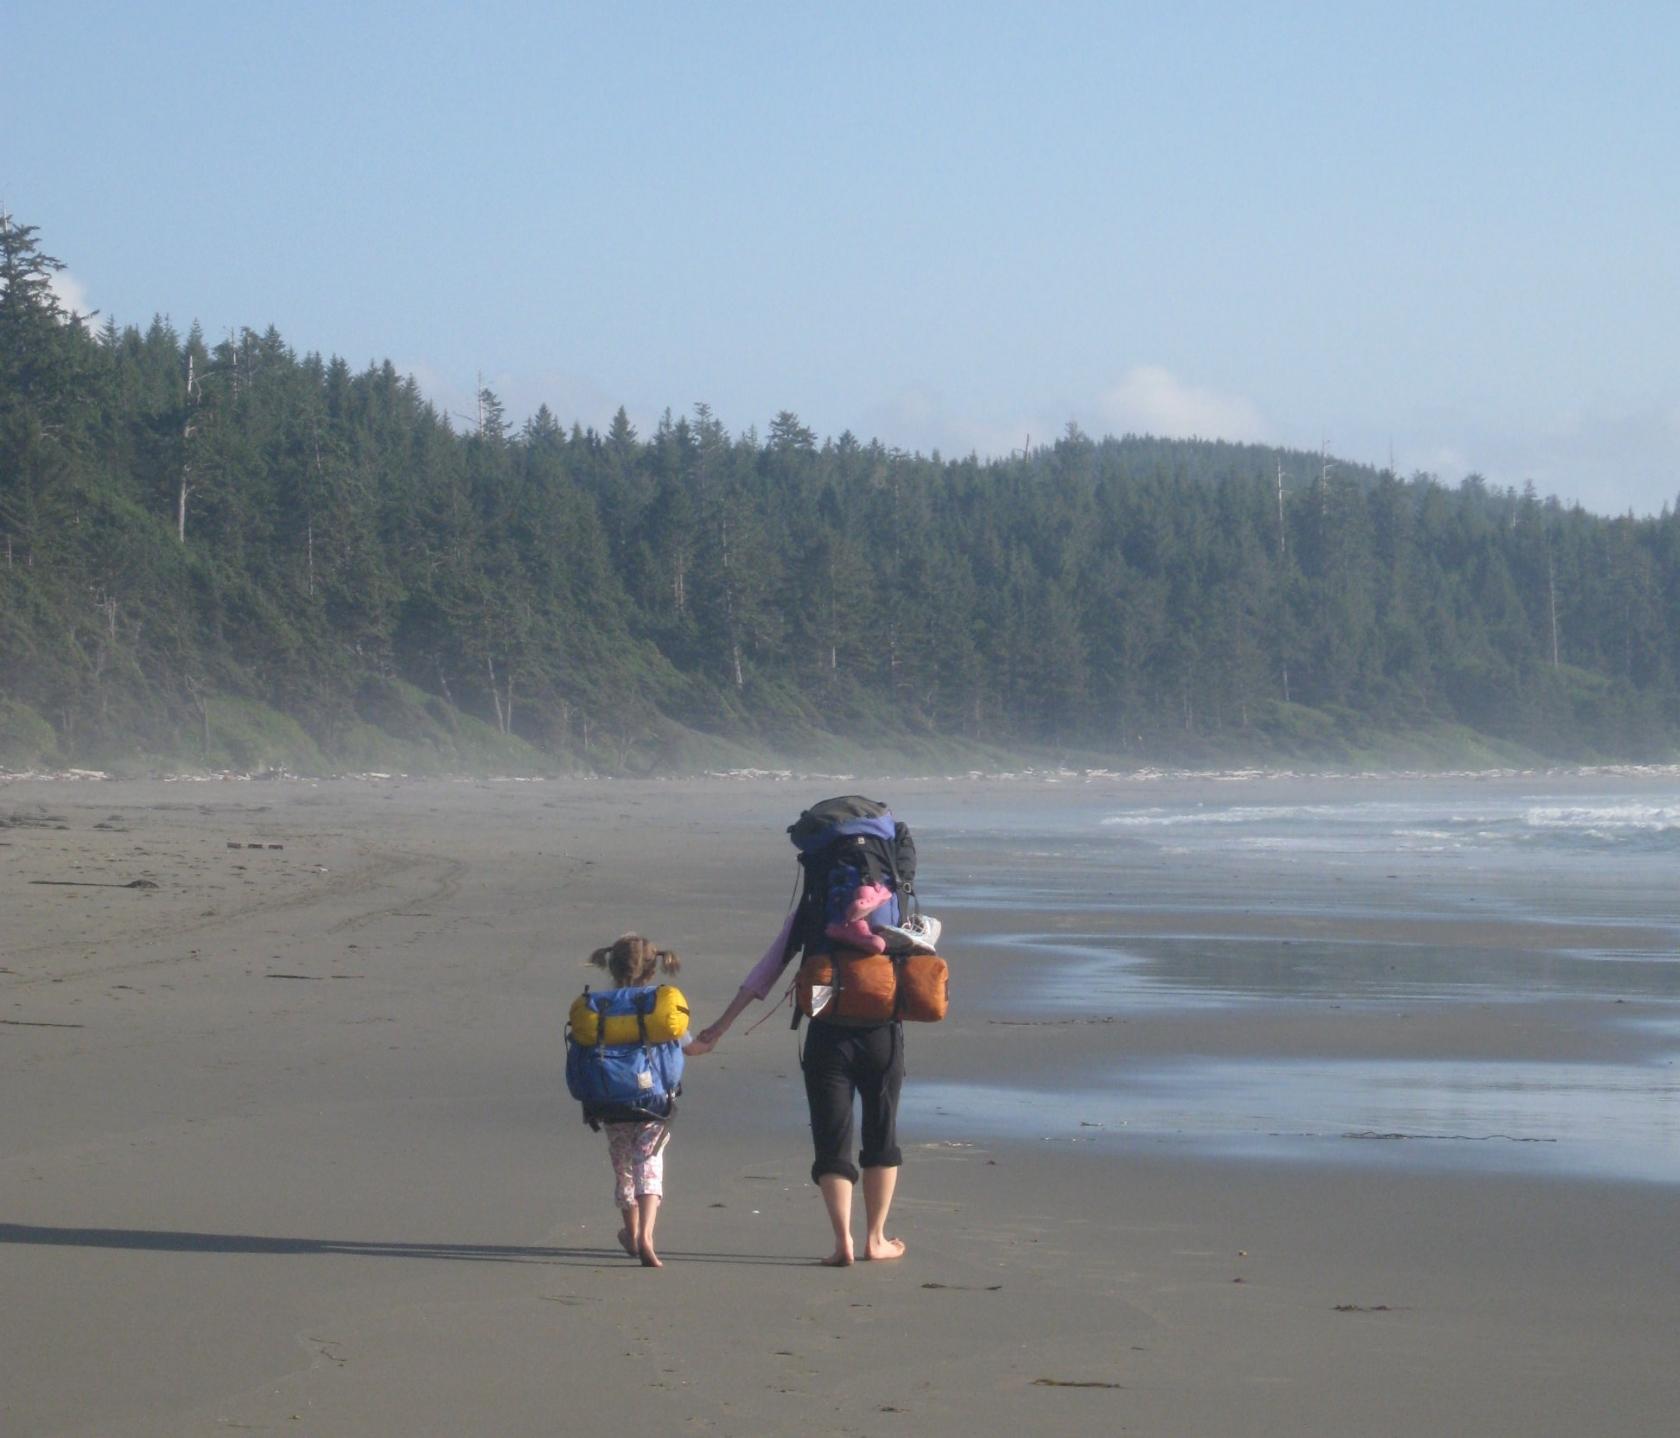 Niños y adultos con grandes mochilas caminando por una playa de arena junto a un bosque siempre verde en el Parque Nacional Olympic